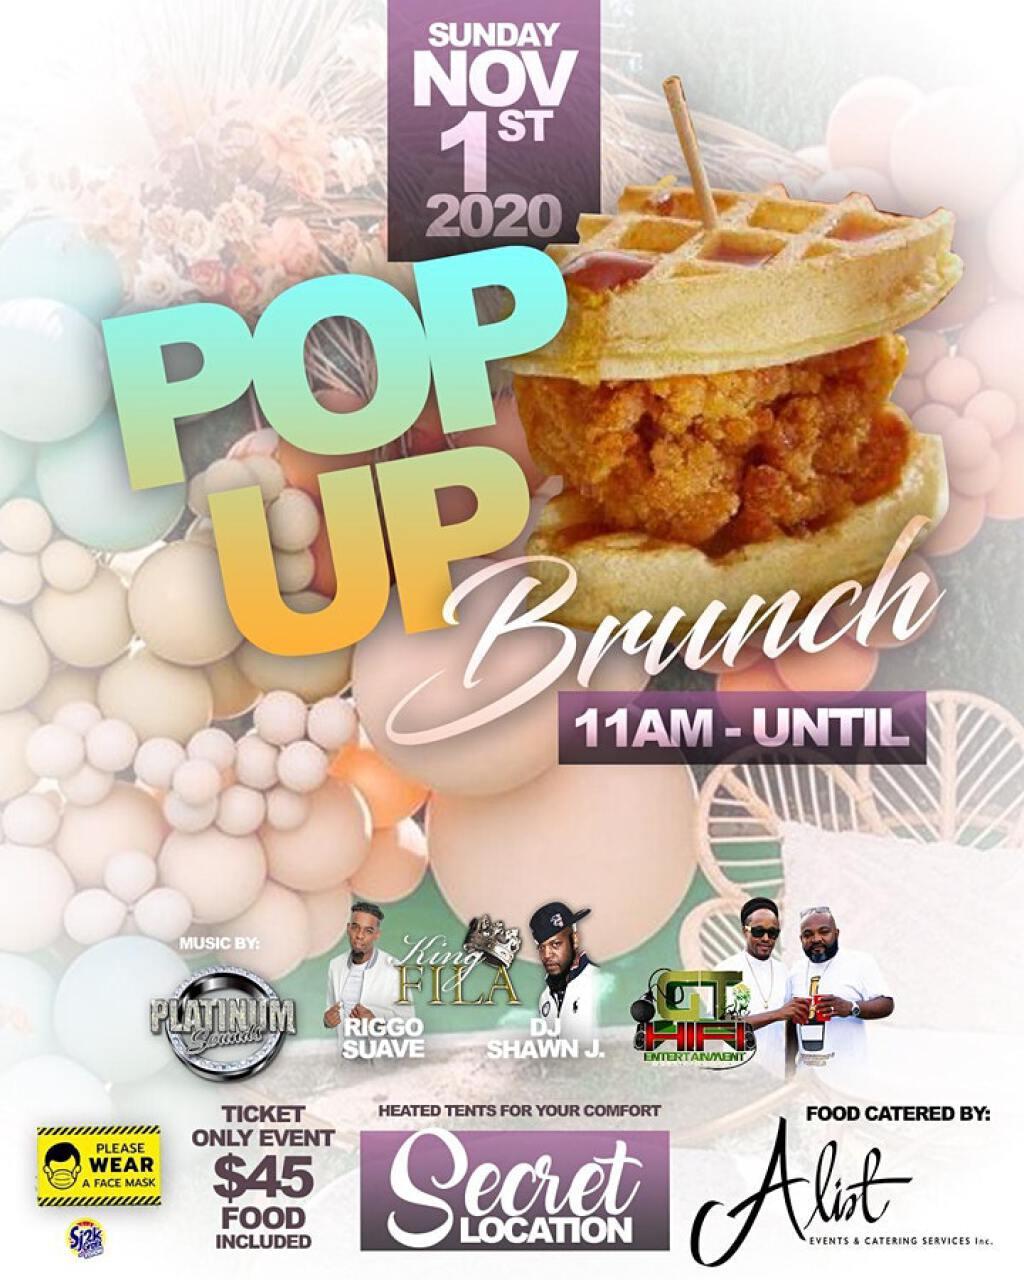 Pop Up Brunch flyer or graphic.